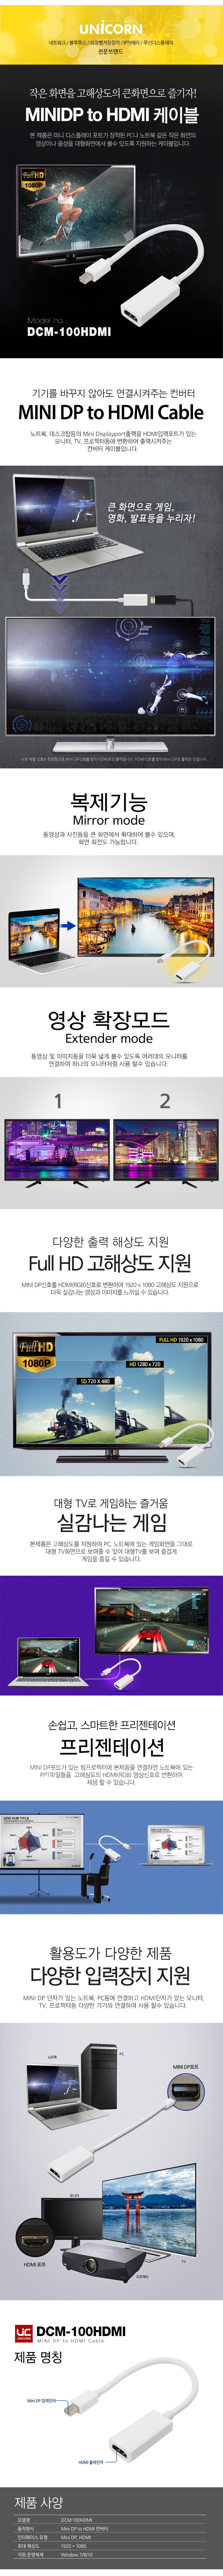 서진네트웍스 UNICORN Mini DisplayPort to HDMI 컨버터 (DCM-100HDMI)